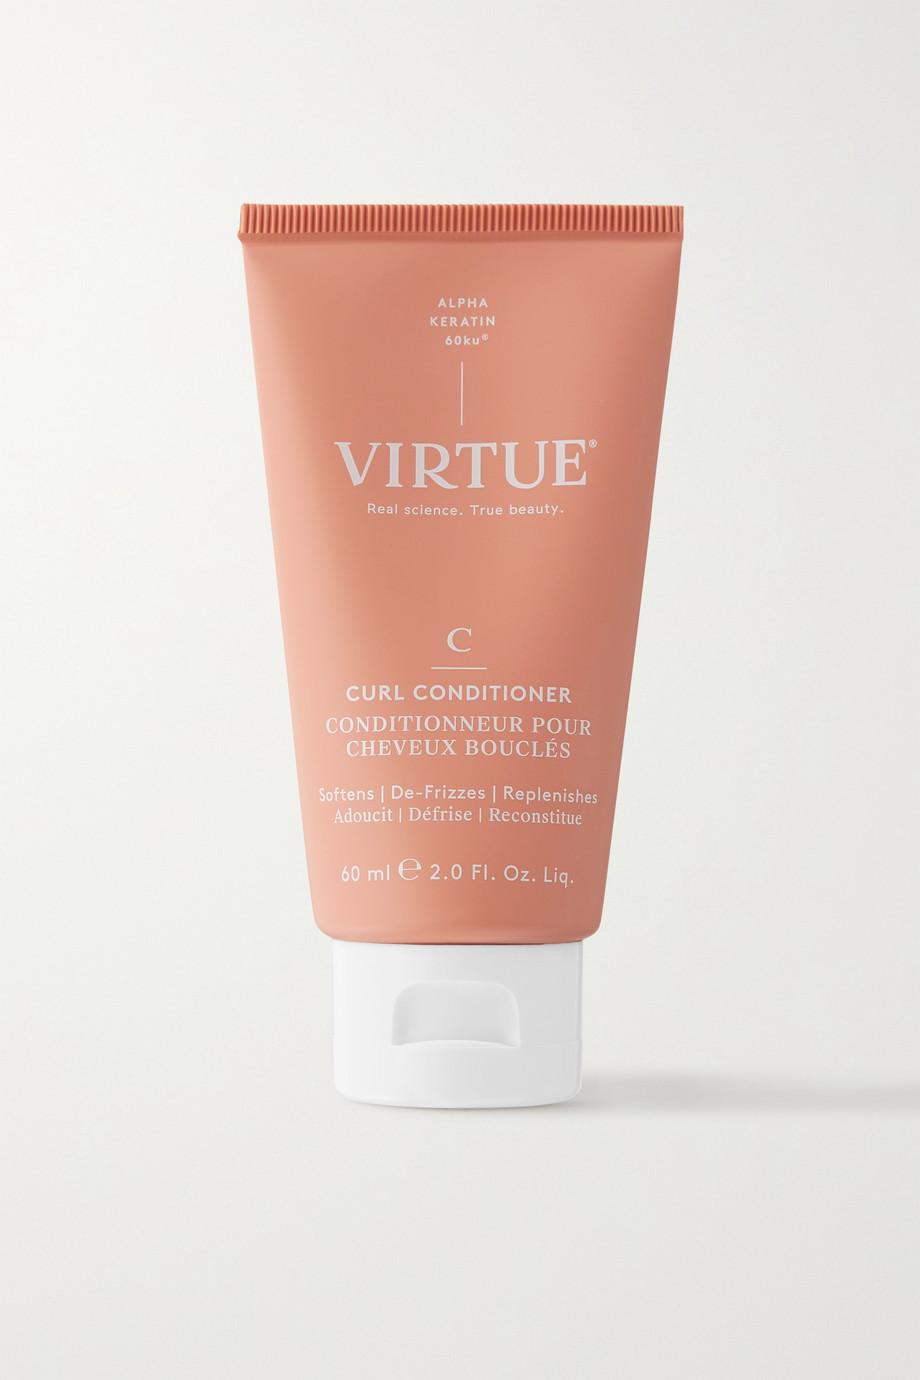 Virtue Après-shampooing pour cheveux bouclés, 60 ml